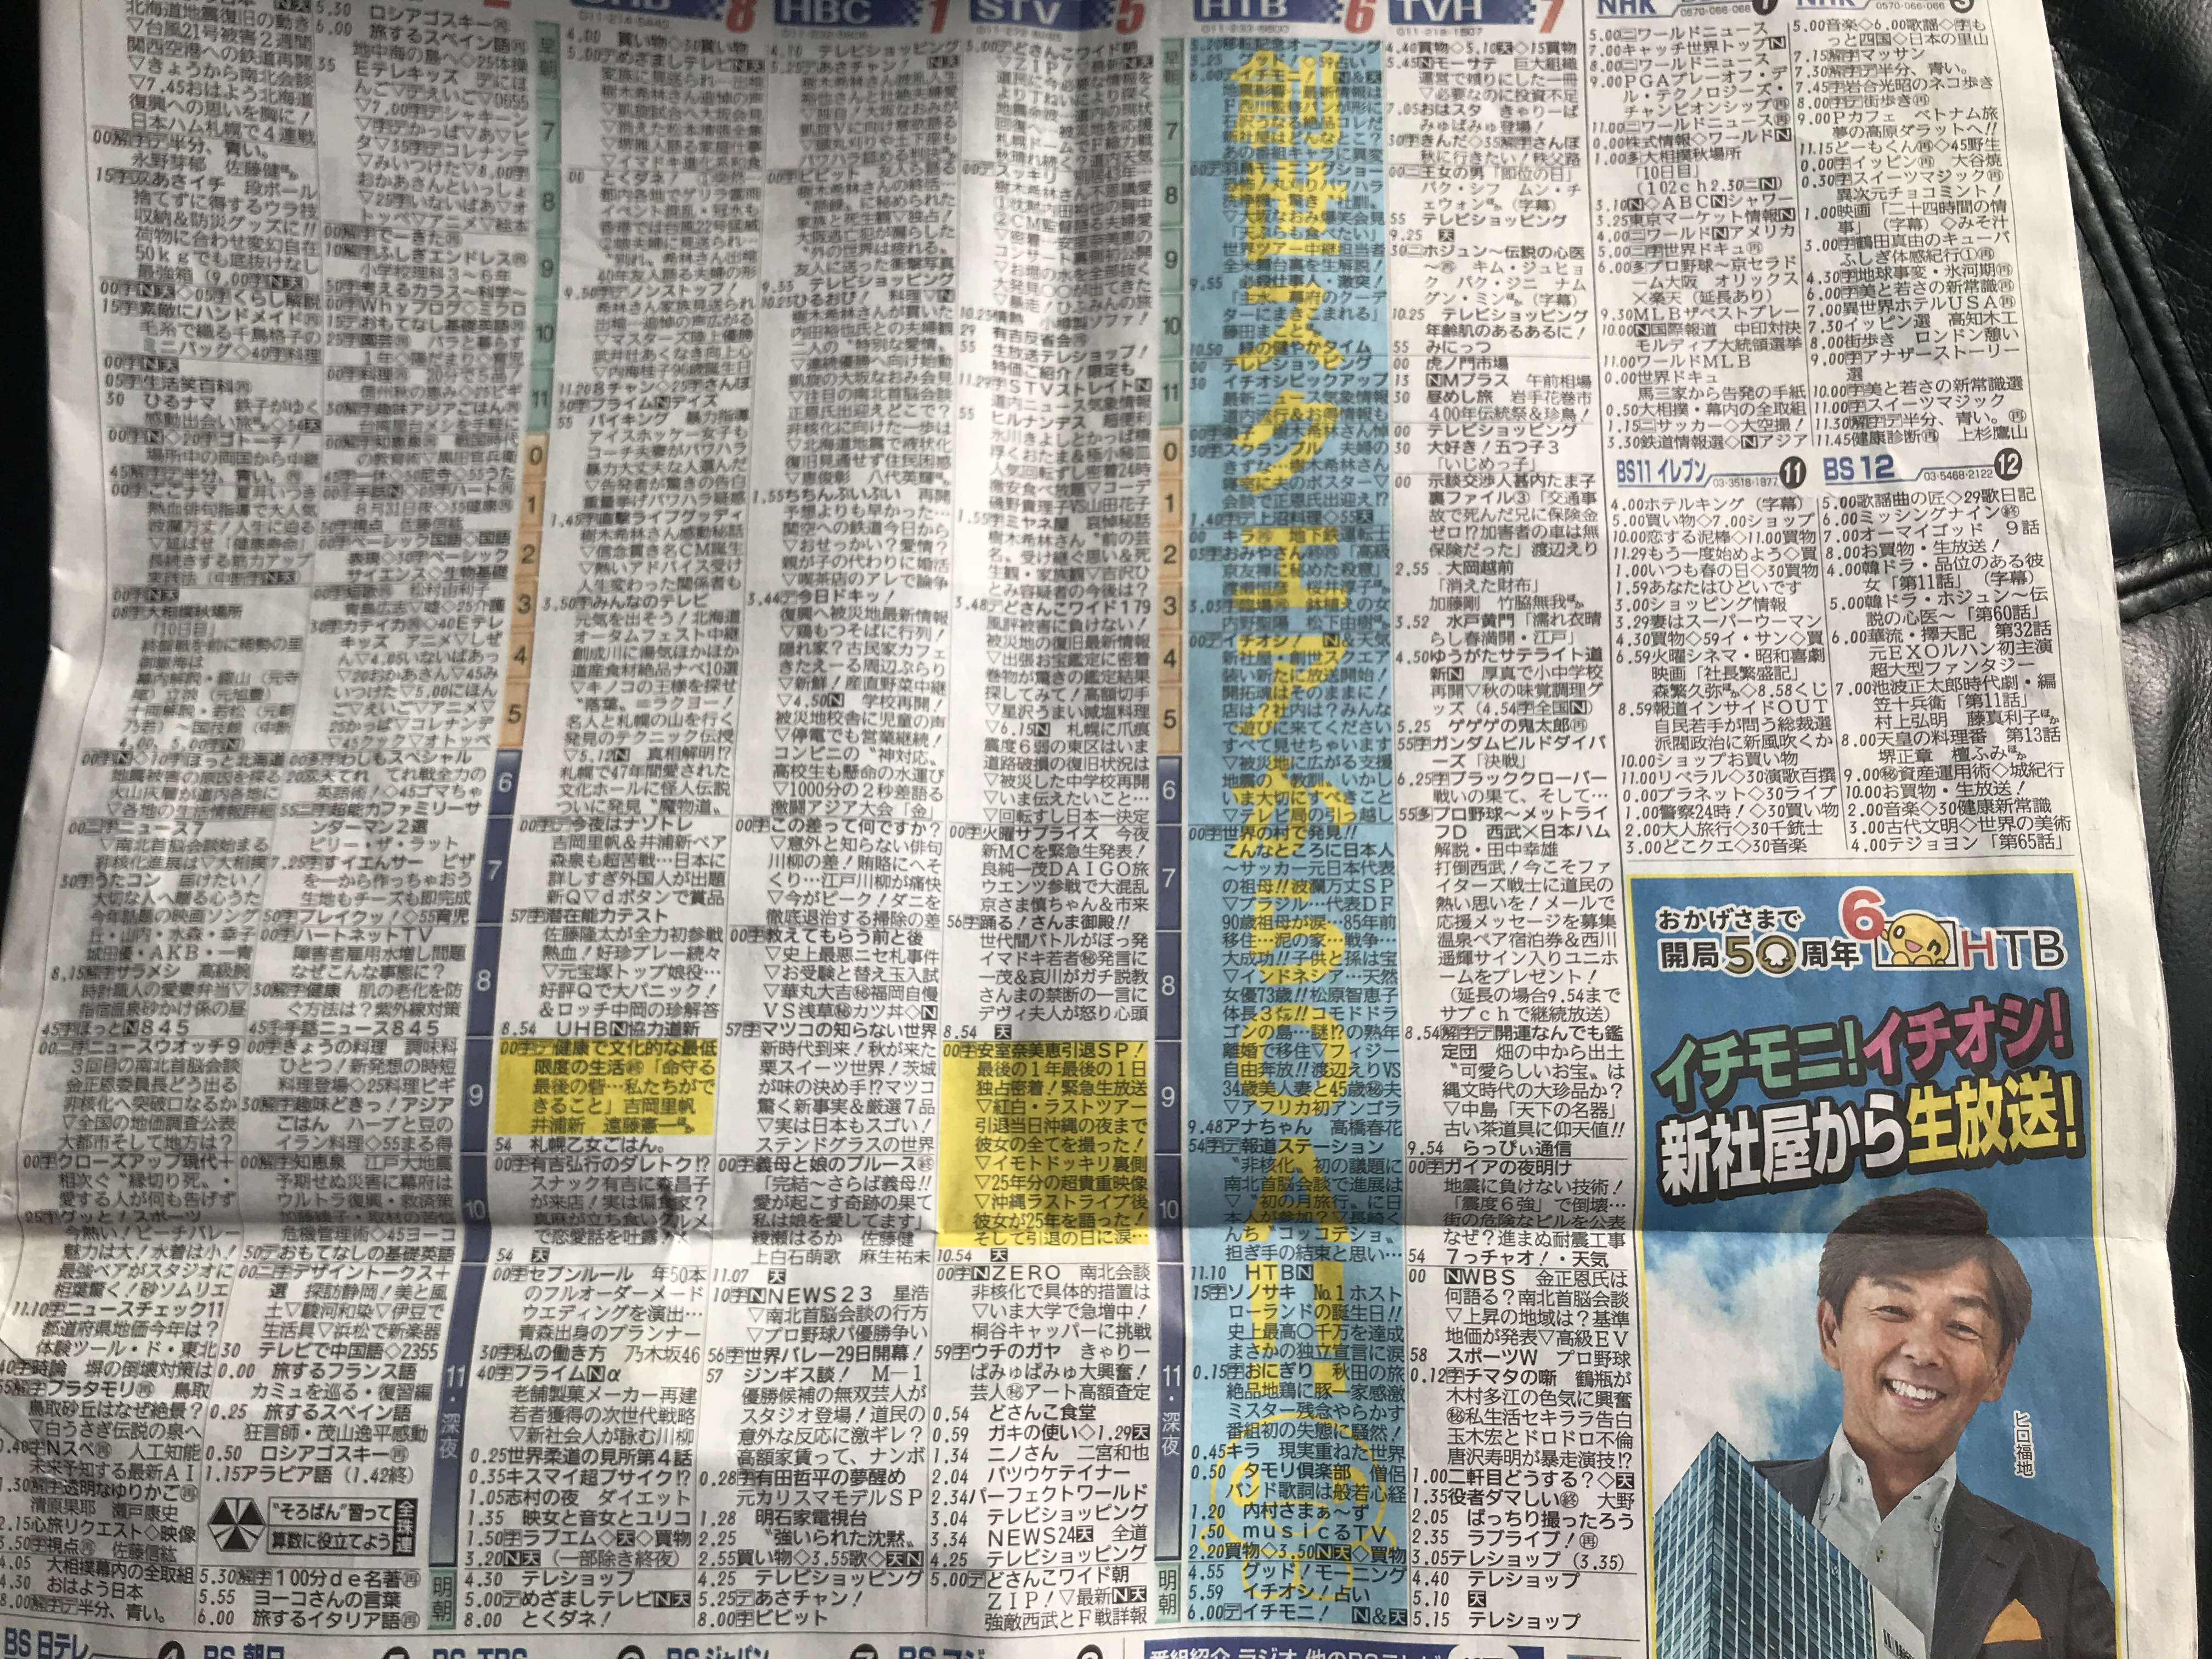 北海道新聞に描かれている『創成スクエアからOA!!』の文字